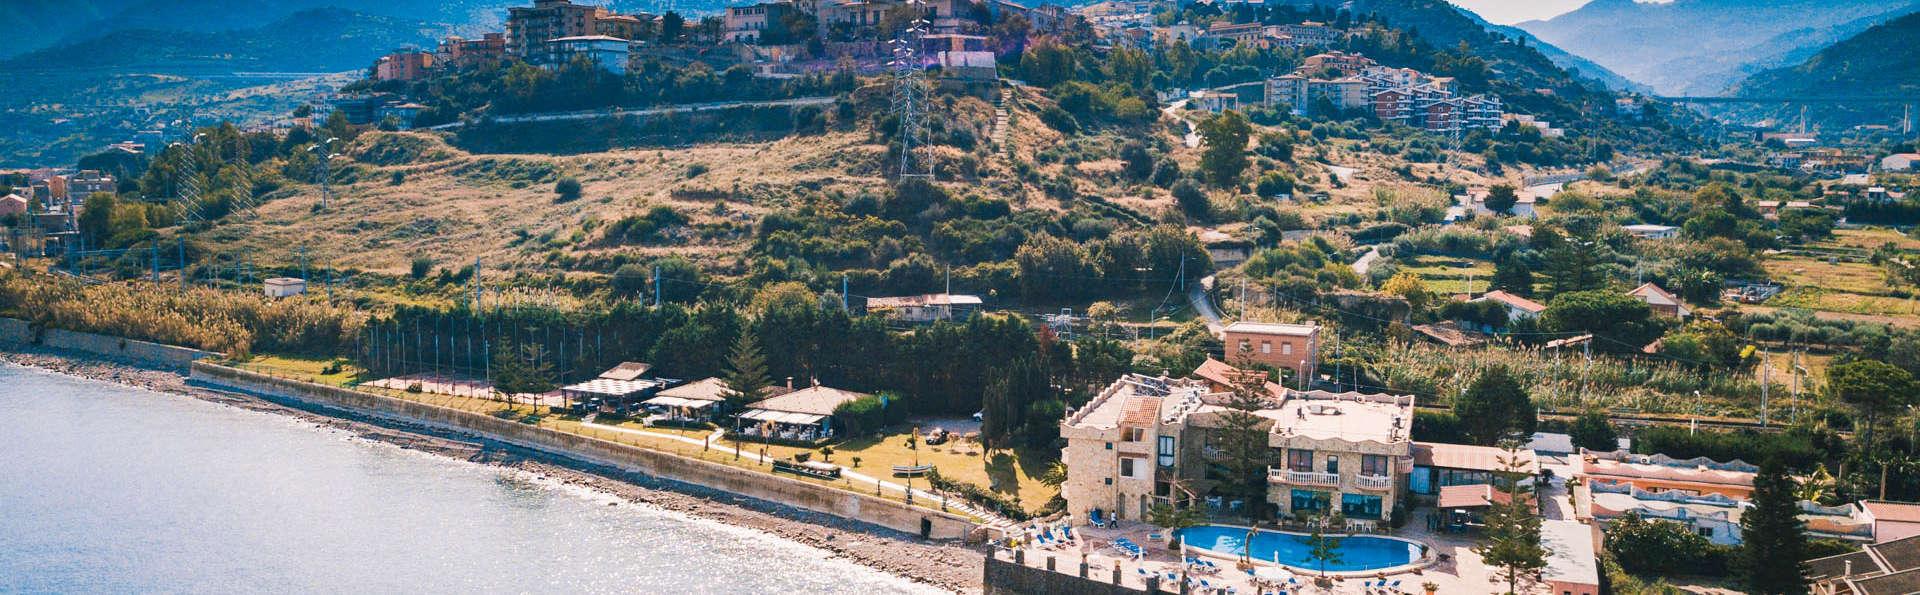 Offre en Sicile : deux nuits sur la côte, entre Cefalù et Messine